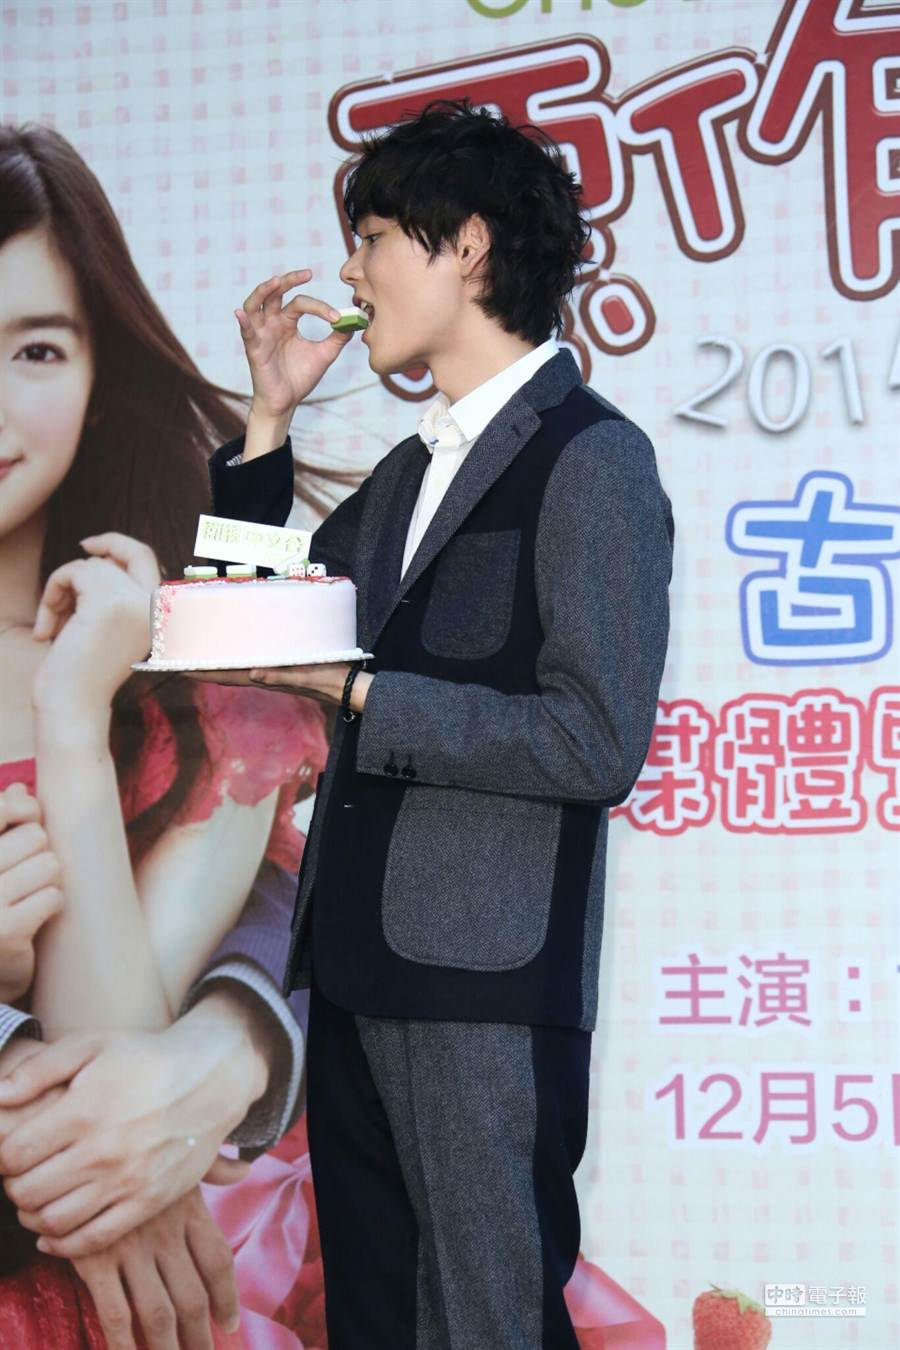 男主角古川雄輝作勢吃掉麻將蛋糕上的發。(羅永銘攝)